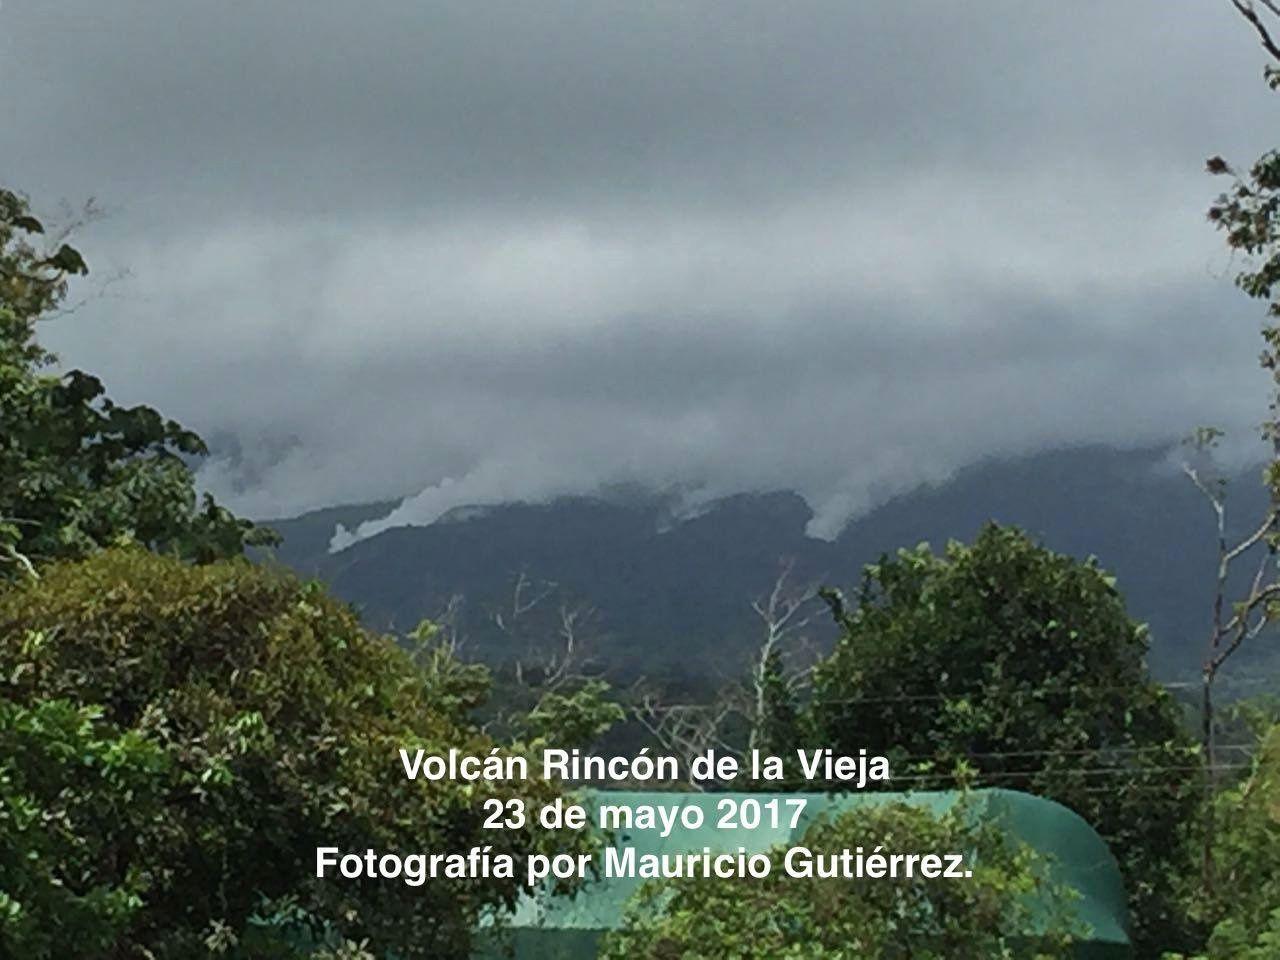 Rincon de La Vieja - éruption phréatique probable ce 23.05.2017 - photo Mauricio Guttiérez / via Ovsicori